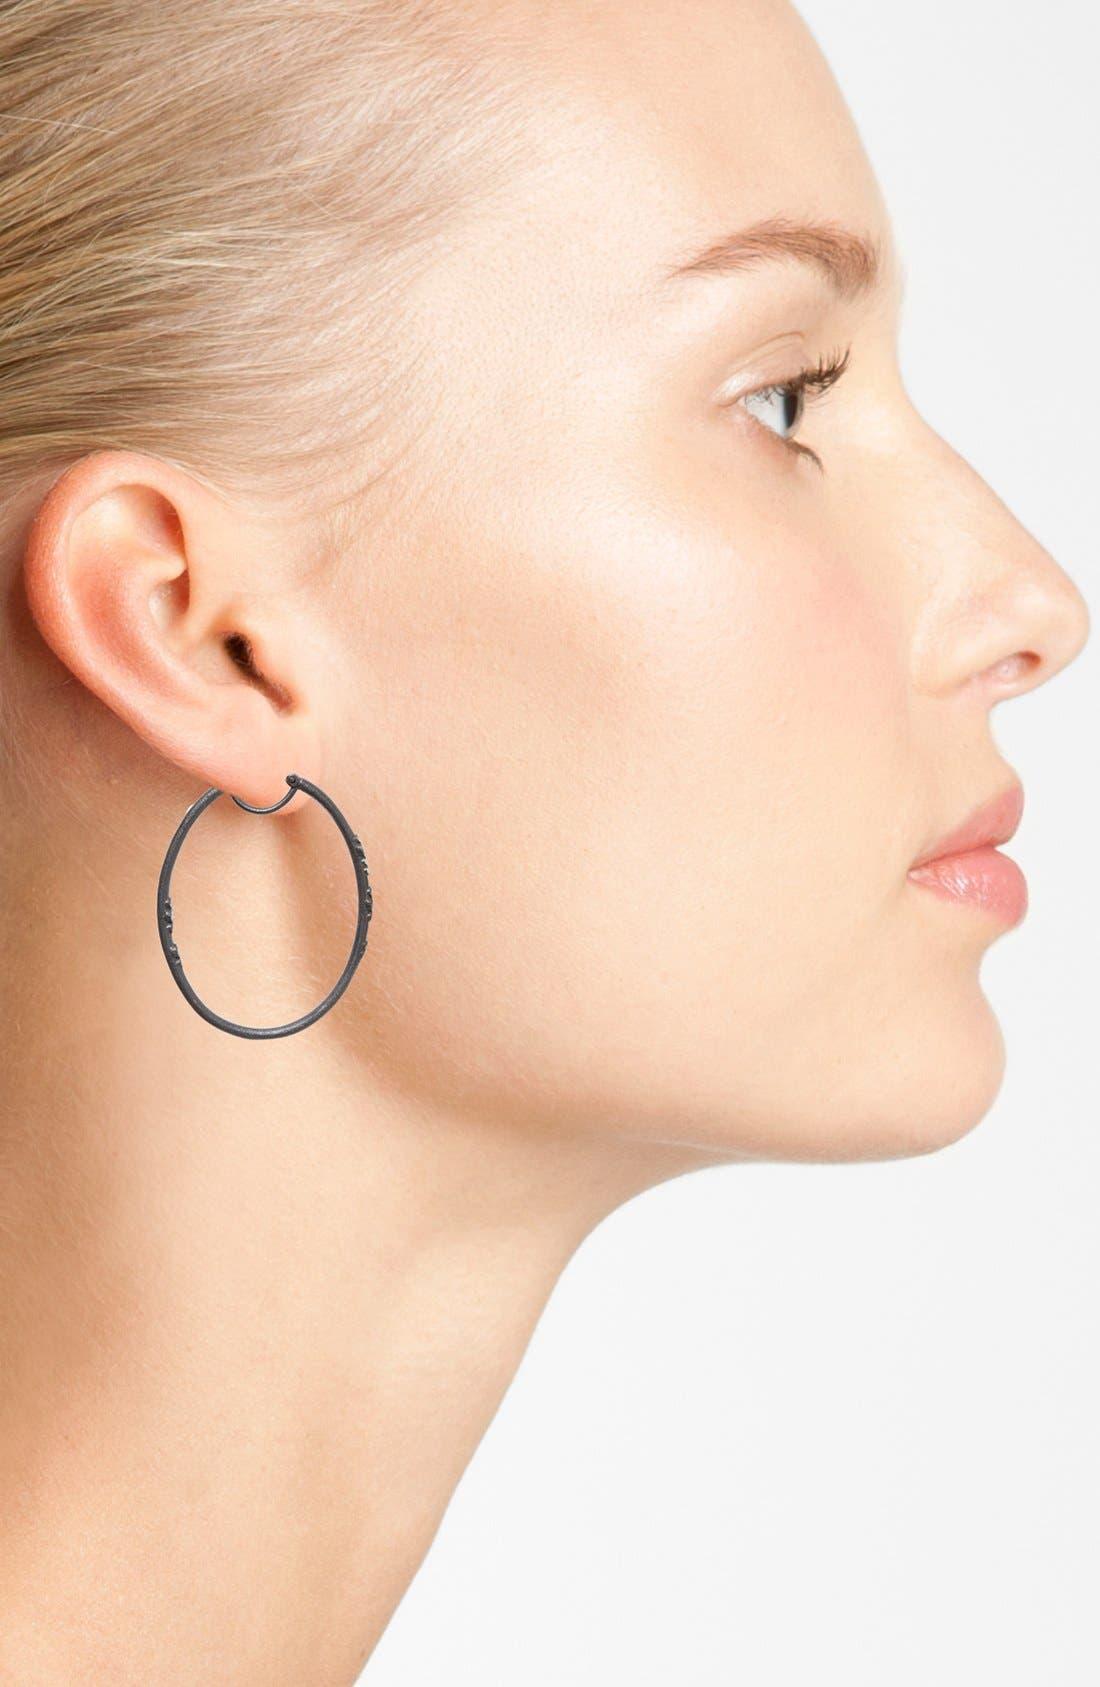 Old World Eternity Diamond Hoop Earrings,                             Alternate thumbnail 3, color,                             GOLD